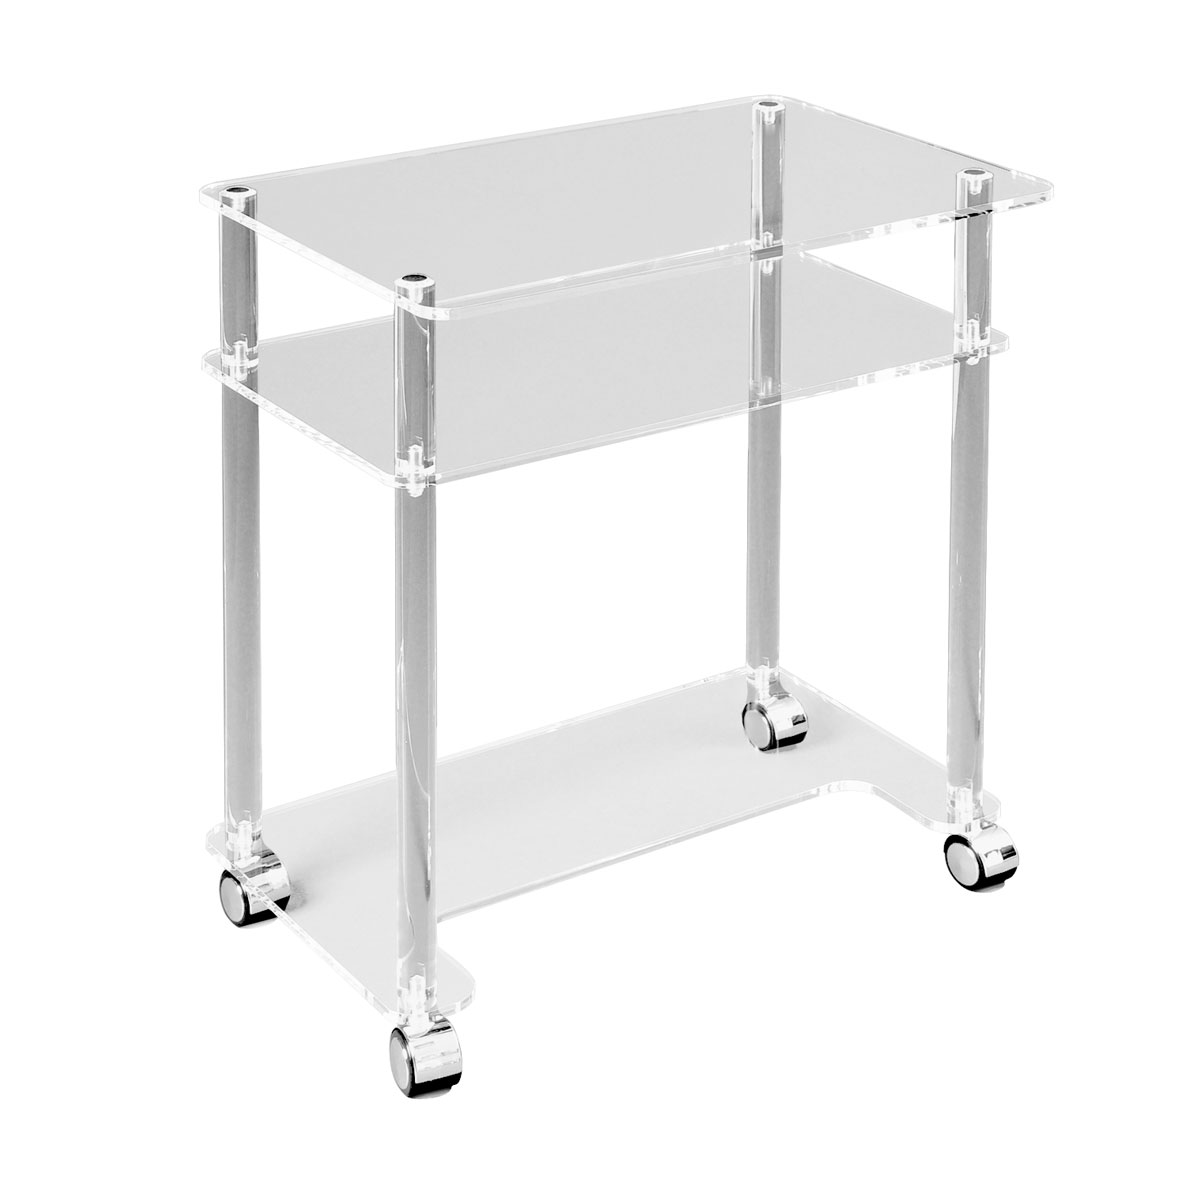 table d appoint en plexiglas 60 de large 40 de profondeur 90 de haut 1009656 w14238. Black Bedroom Furniture Sets. Home Design Ideas